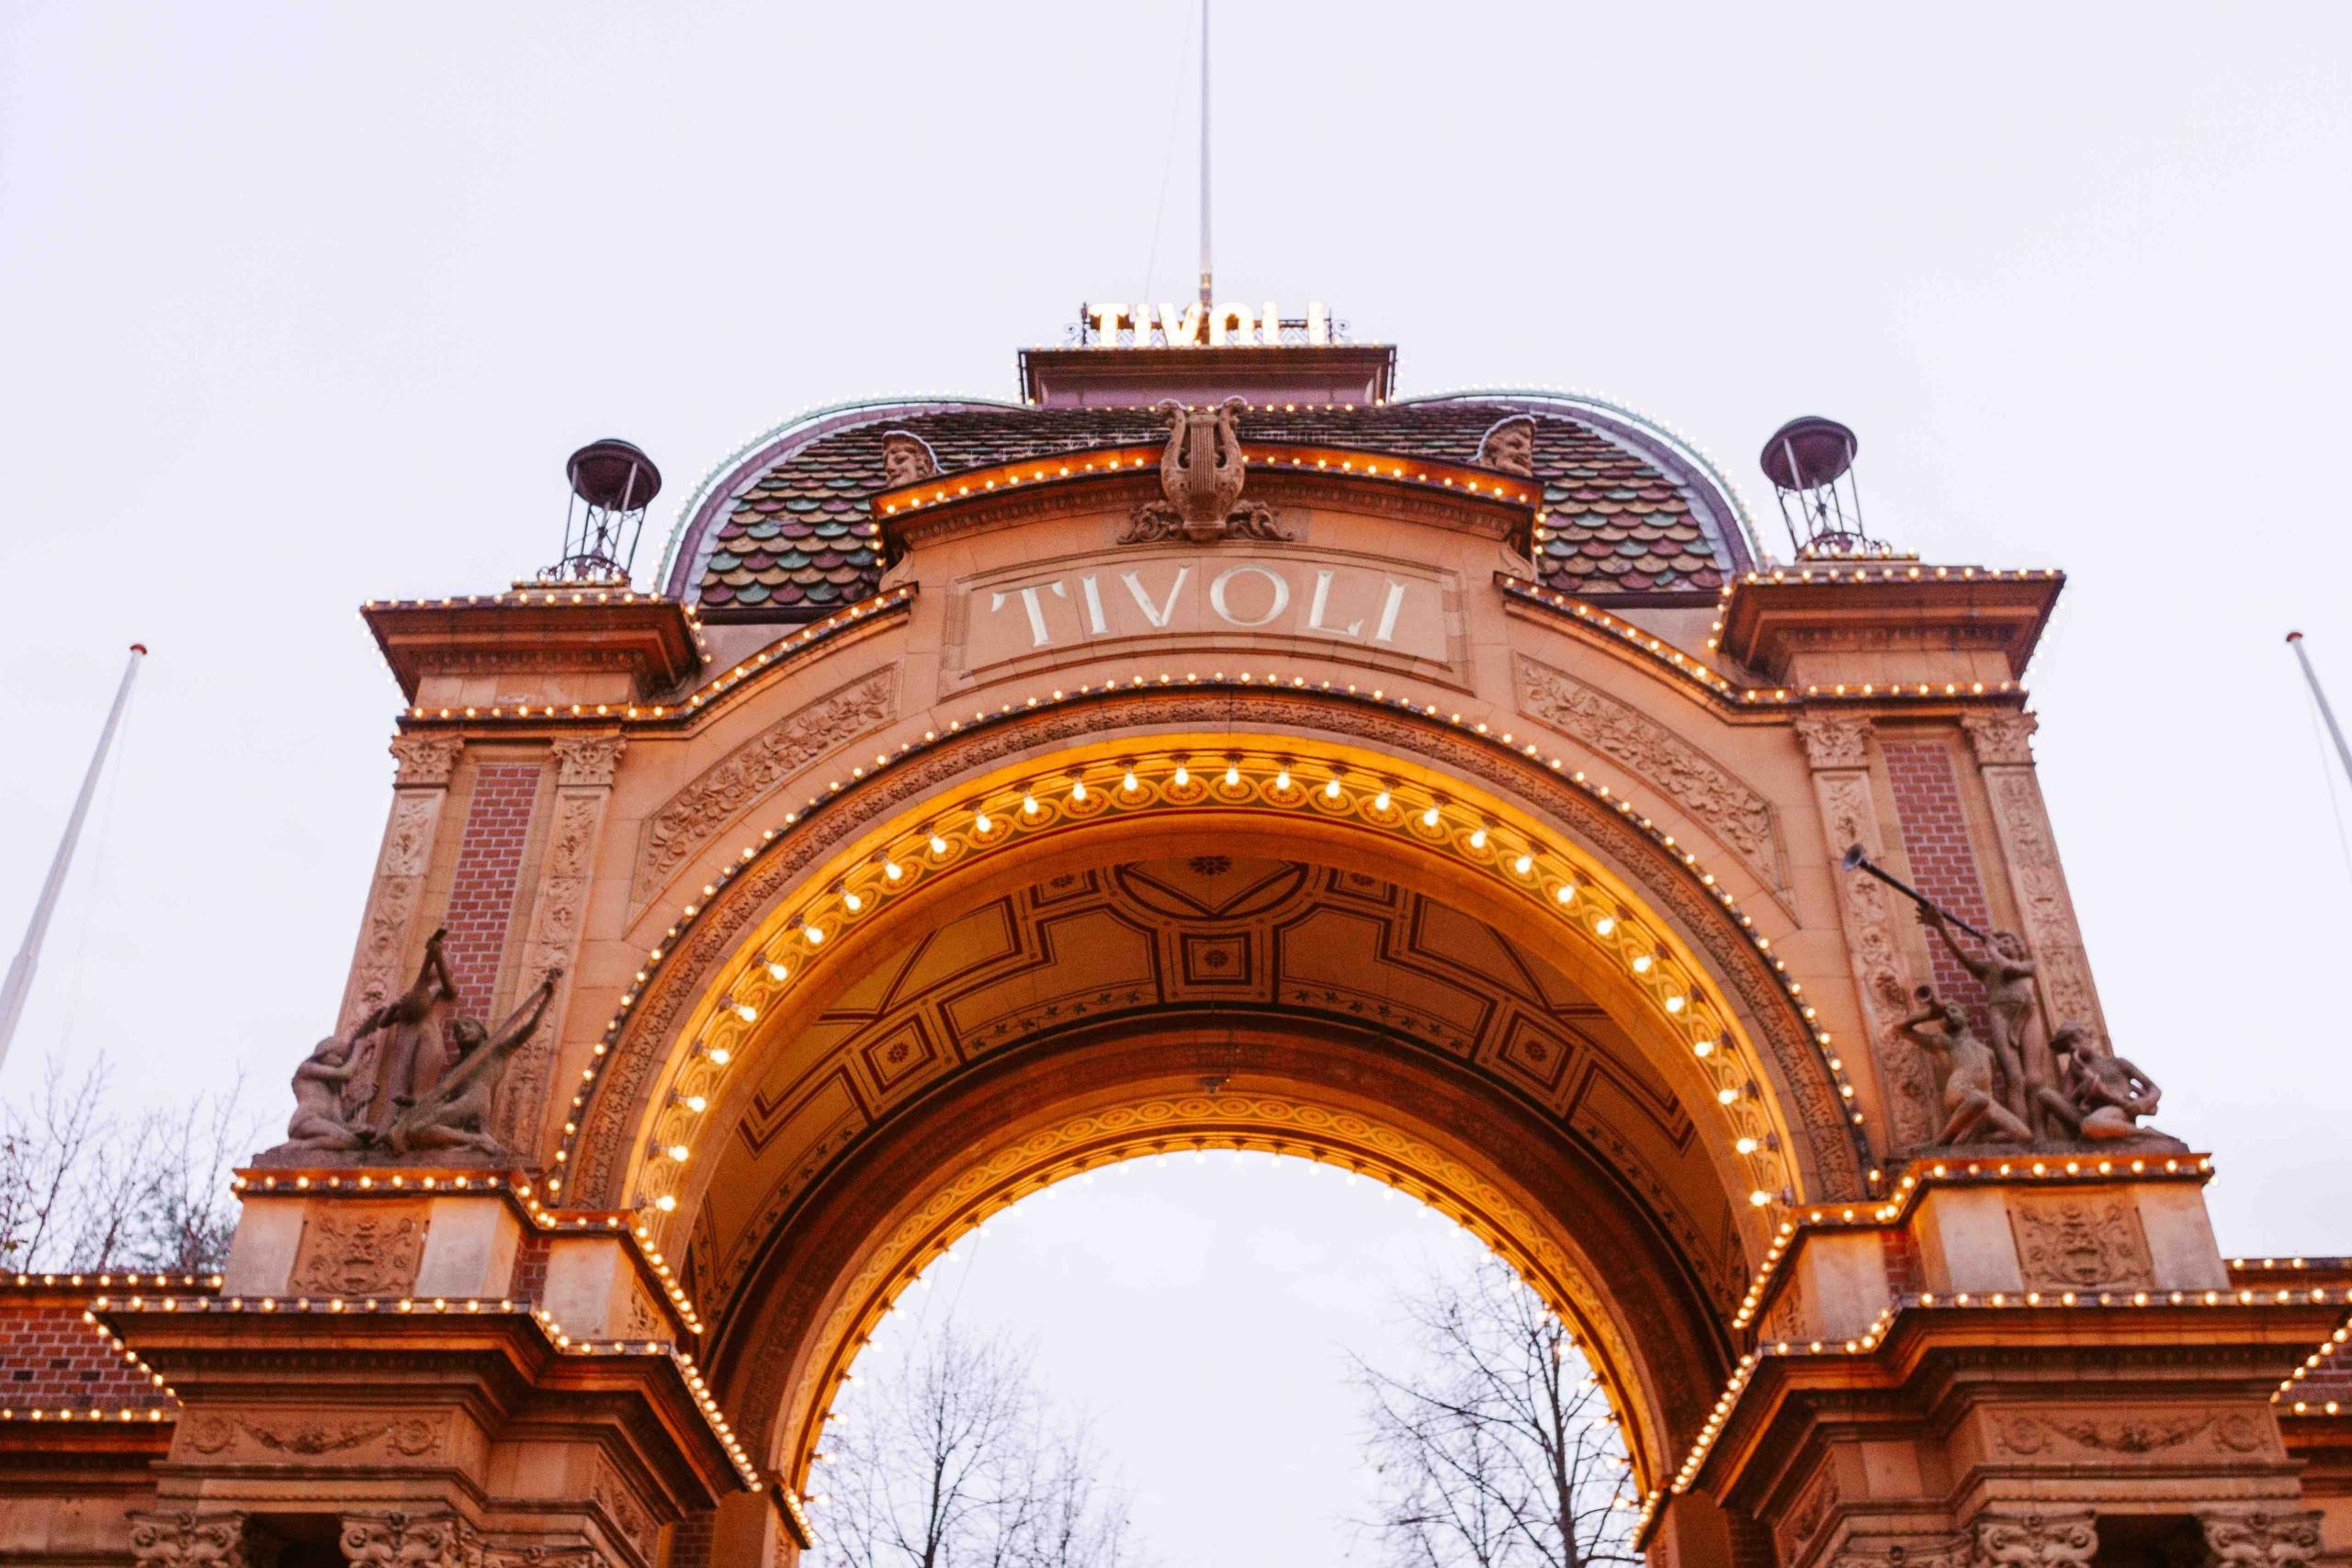 Entrata del parco divertimenti Tivoli a Copenhagen